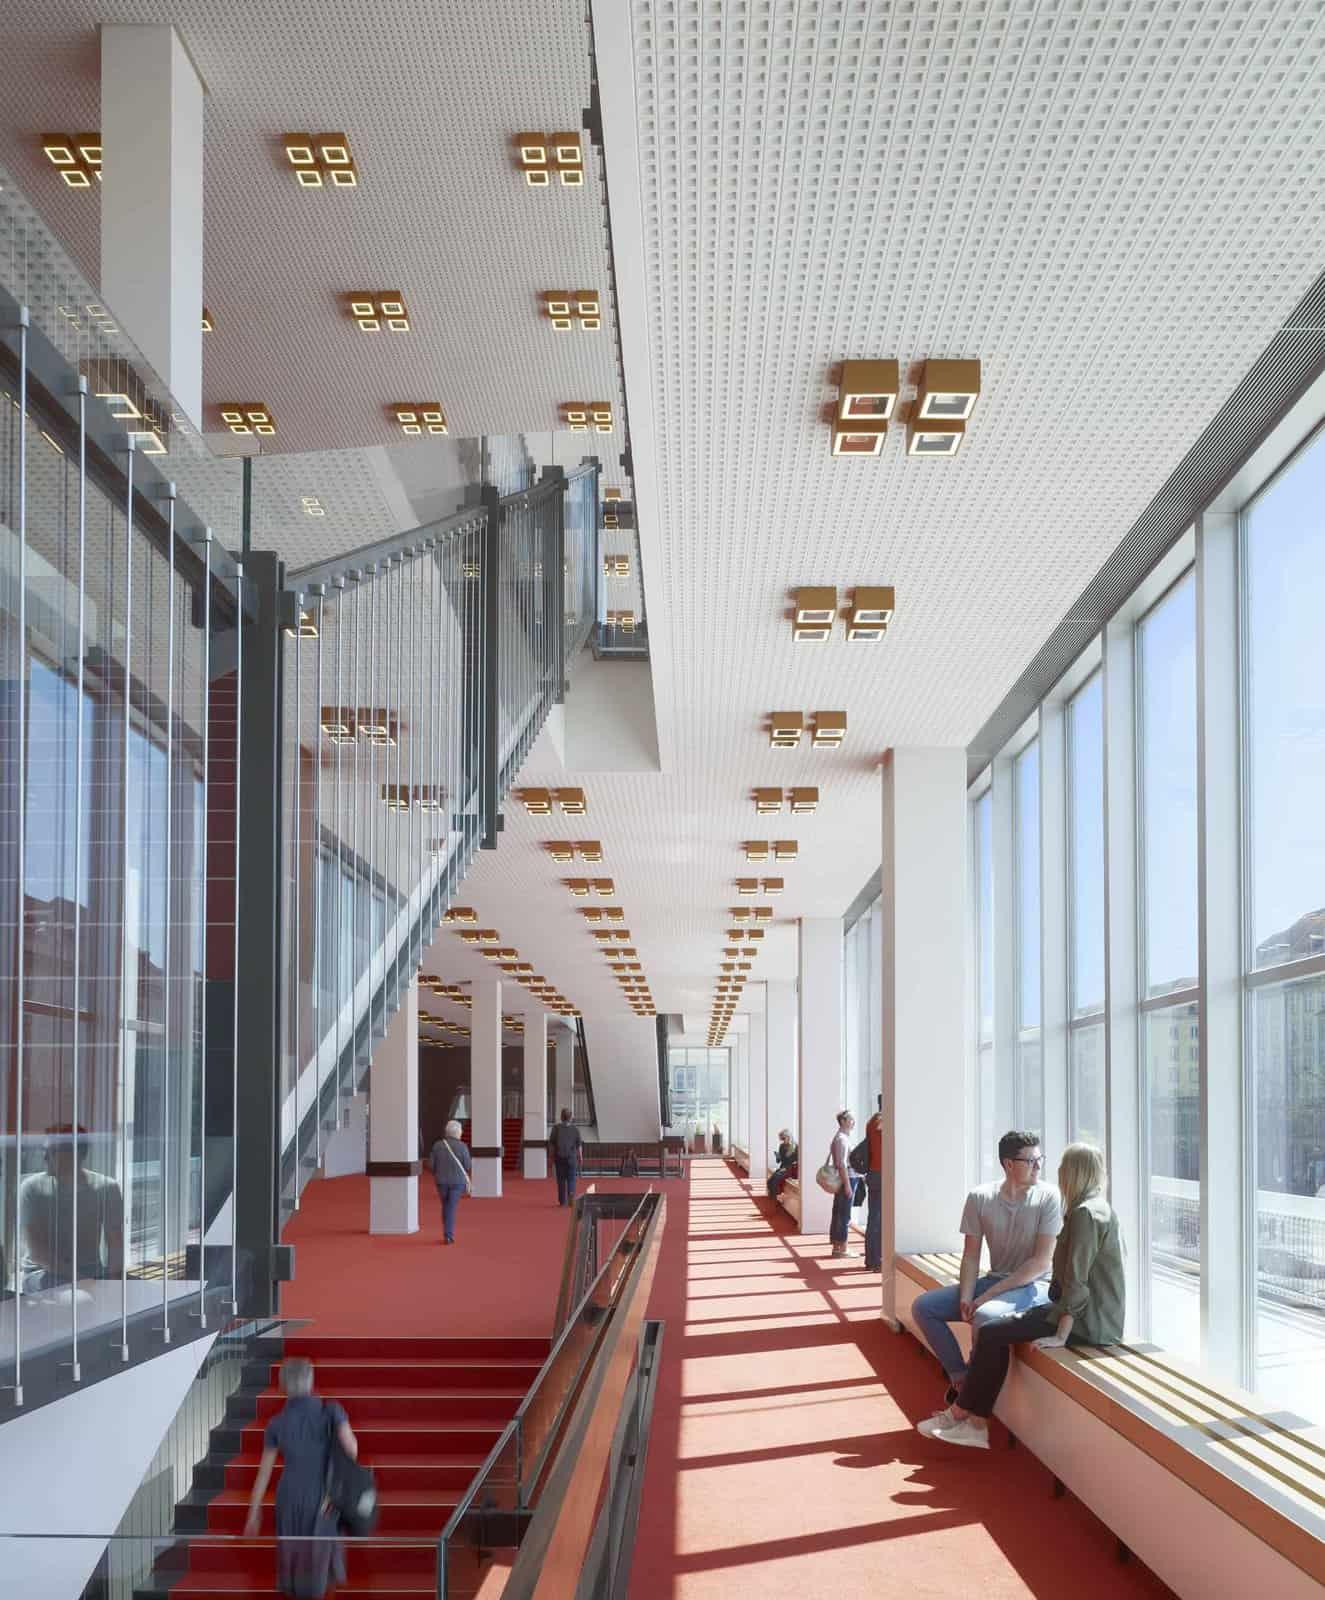 Preisträger DAM Preis 2019, Modernisierung und Umbau Kulturpalast Dresden, gmp Architekten – von Gerkan, Marg und Partner \ Foto: Christian Gahl, gmp Architekten